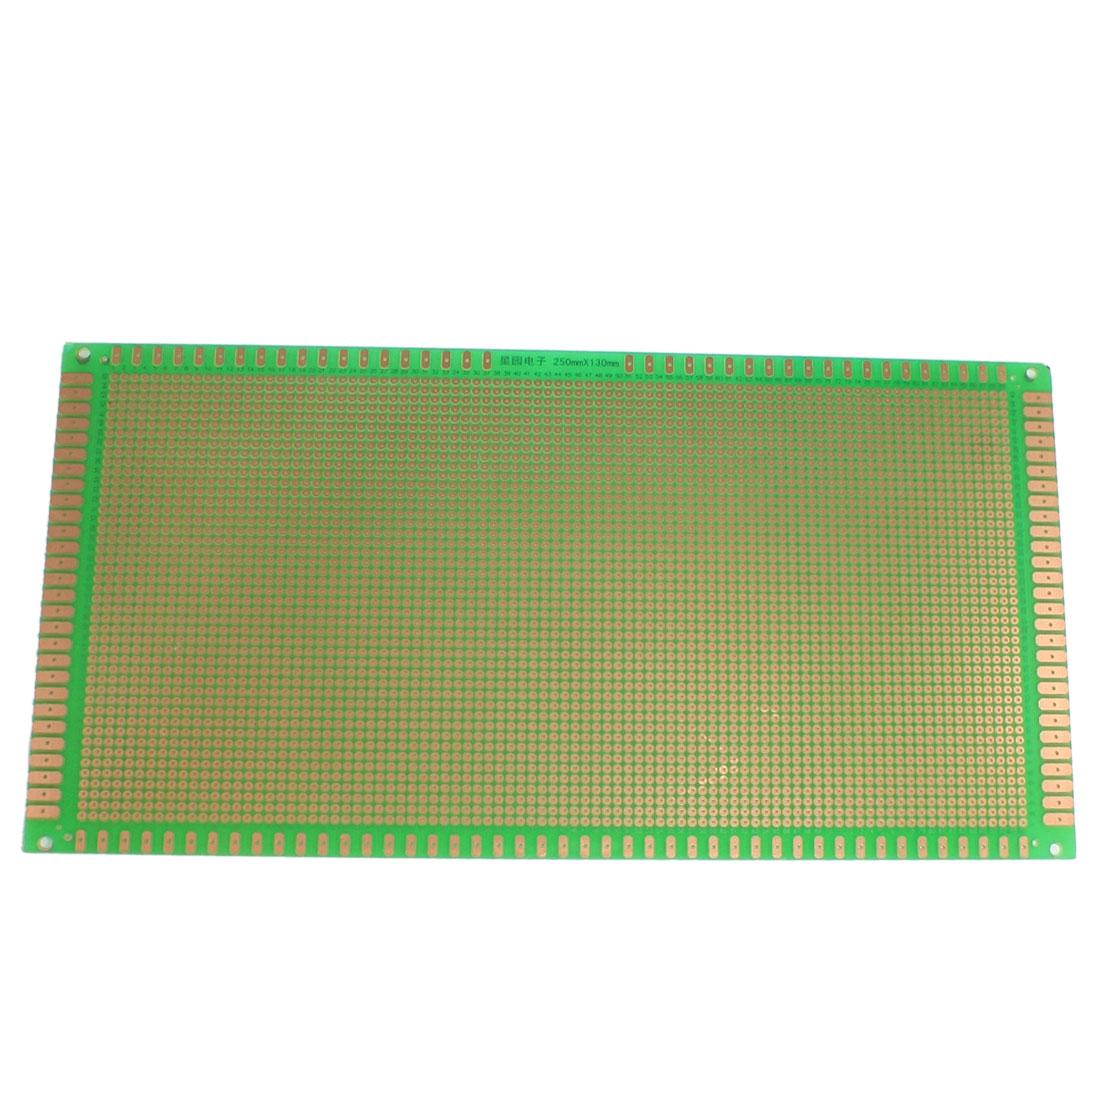 Prototyping Single Side PCB Board Stripboard Green 25x13cm